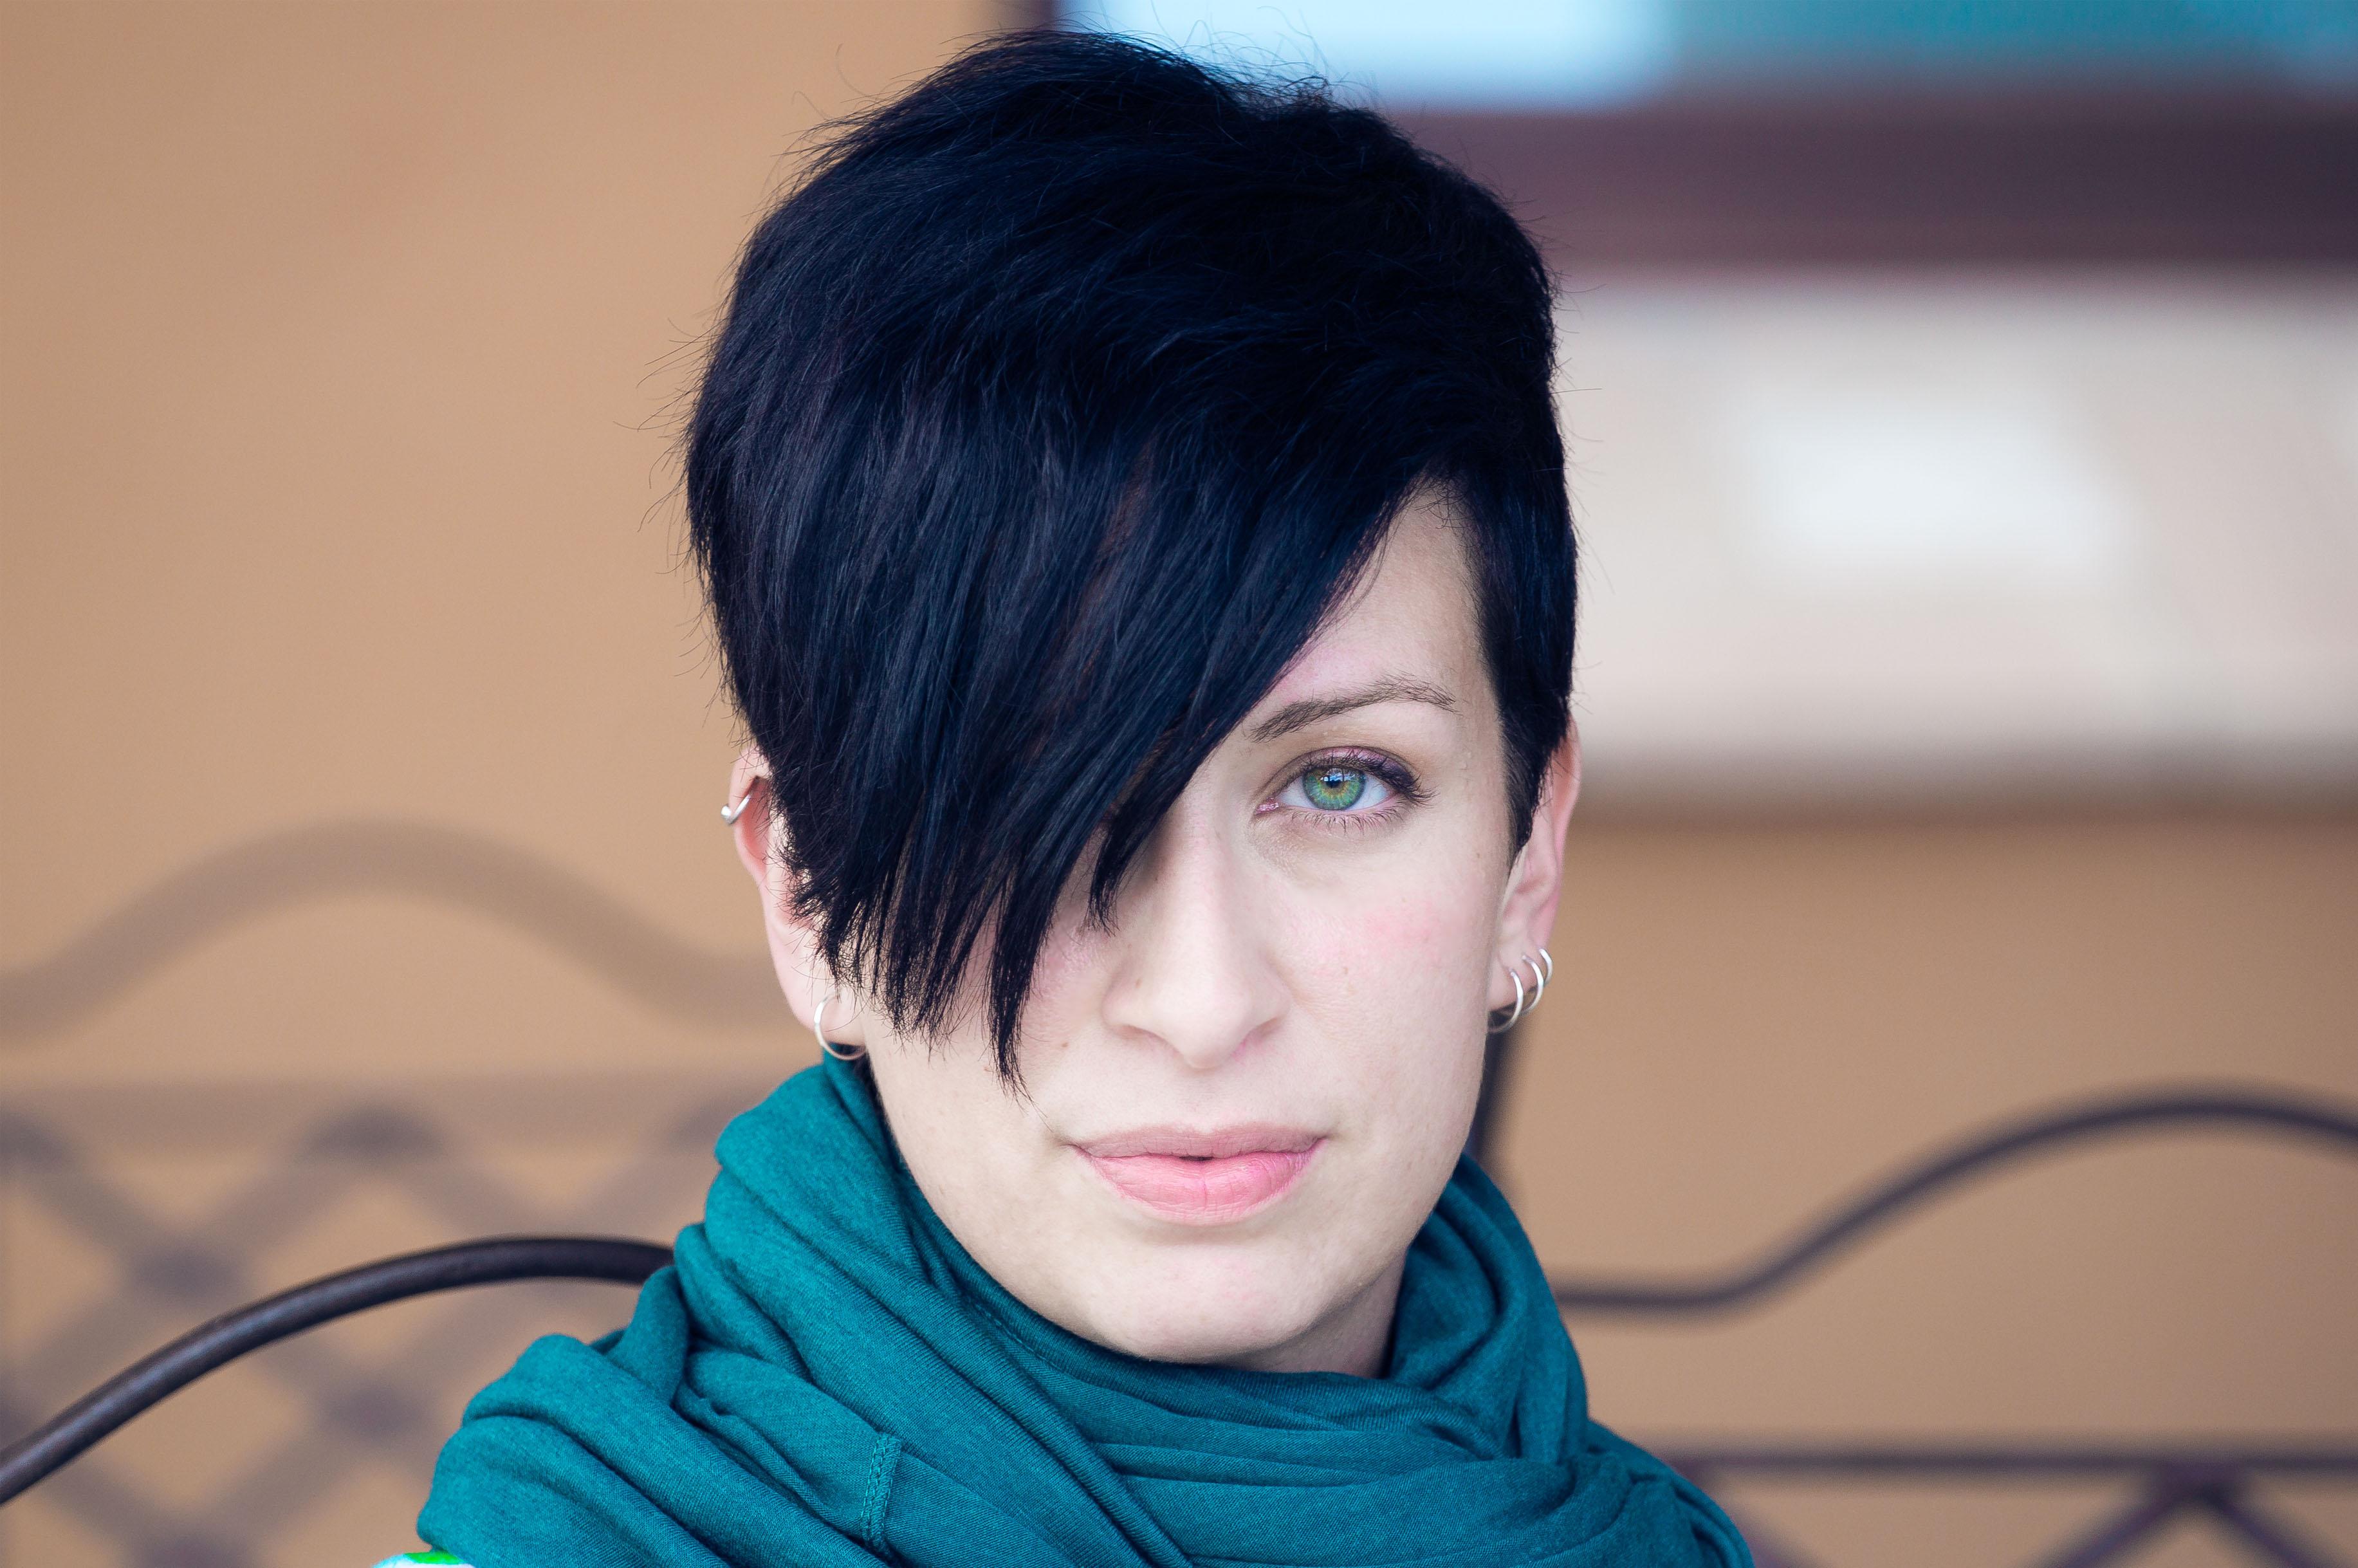 New Short Hair Looks For  Charisma Salon Detroit - The look hair salon